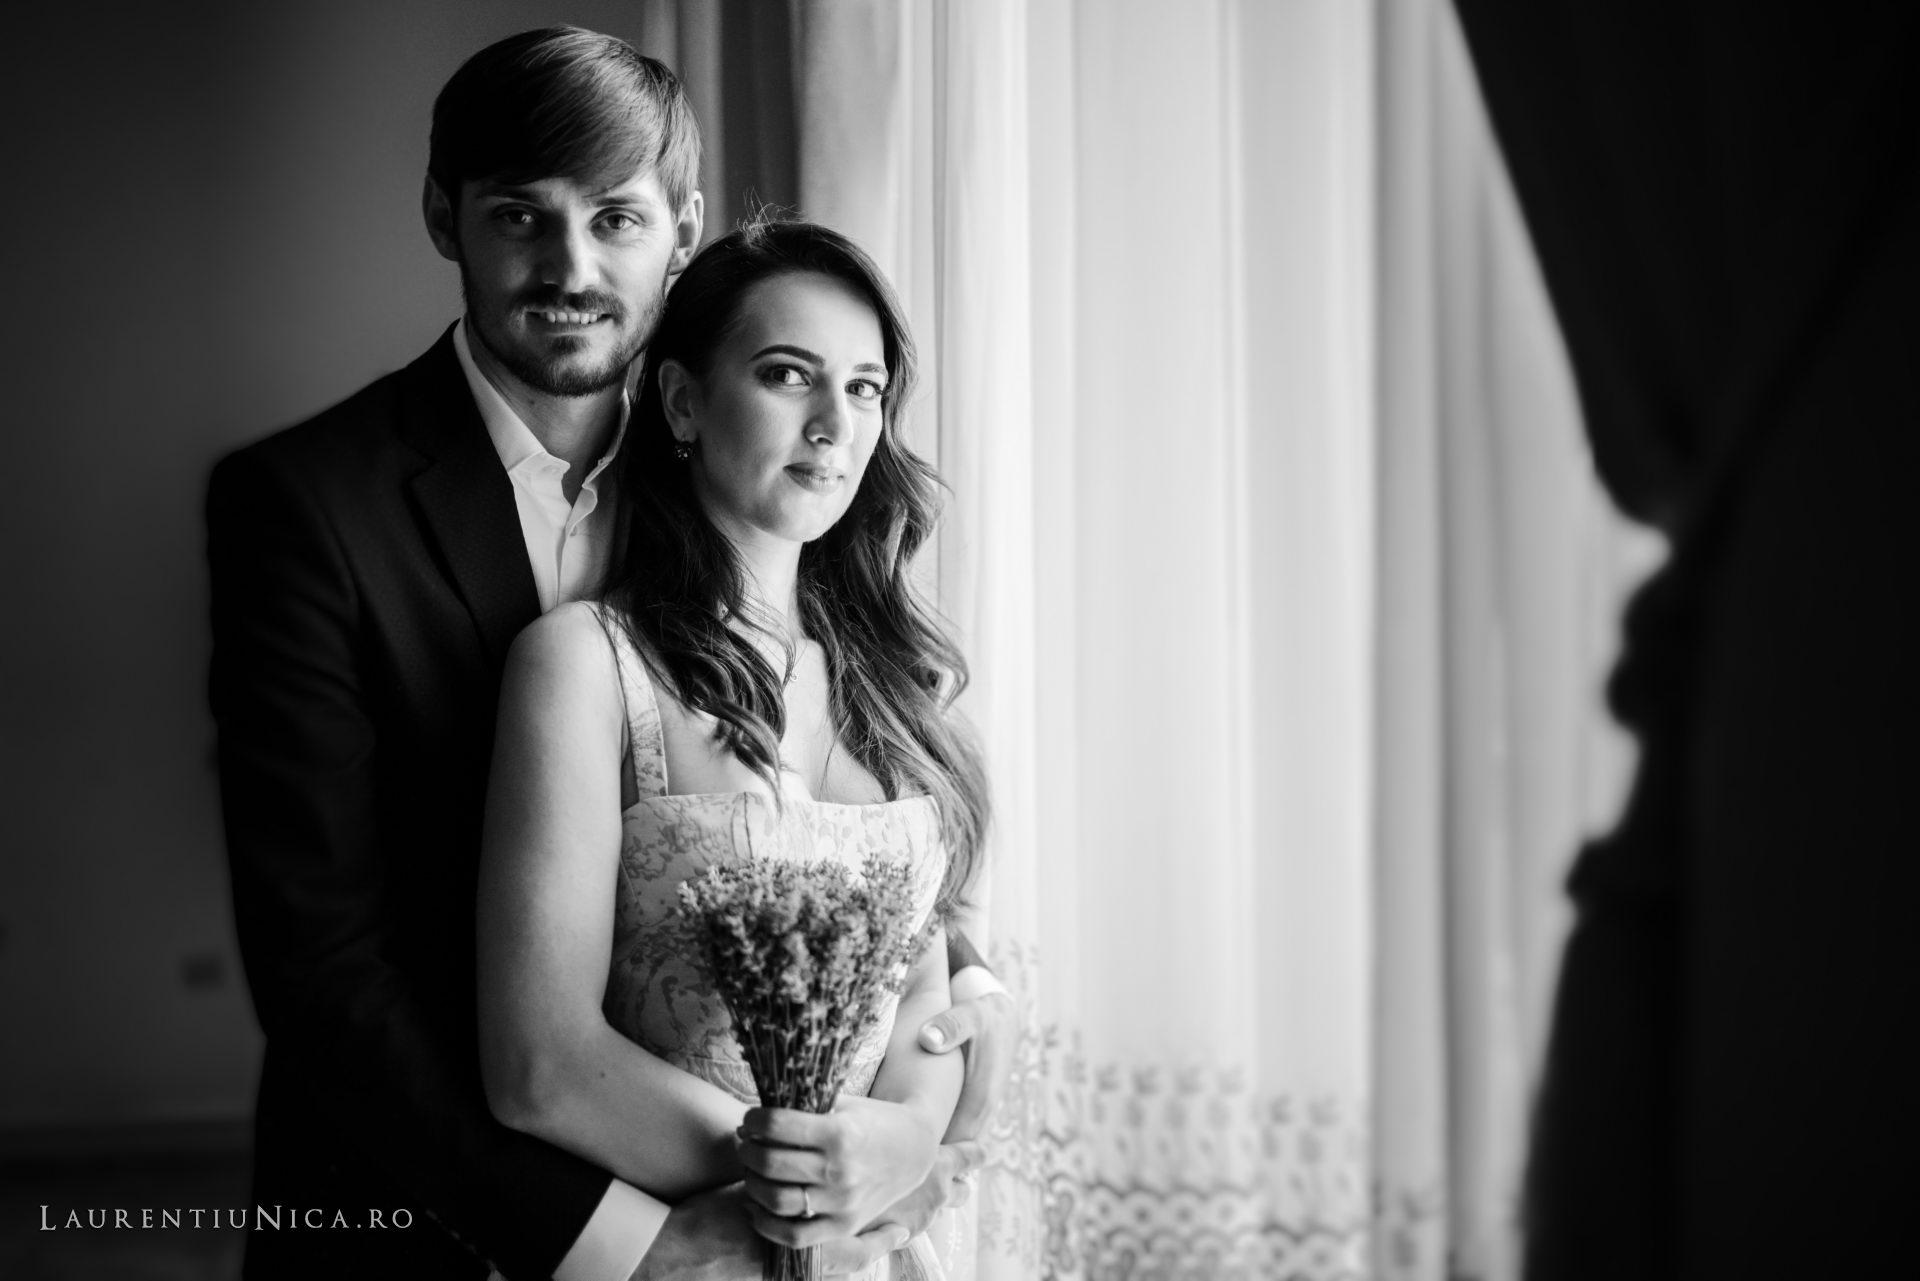 Cristina si Ovidiu nunta Craiova fotograf laurentiu nica 013 - Cristina & Ovidiu | Fotografii nunta | Craiova